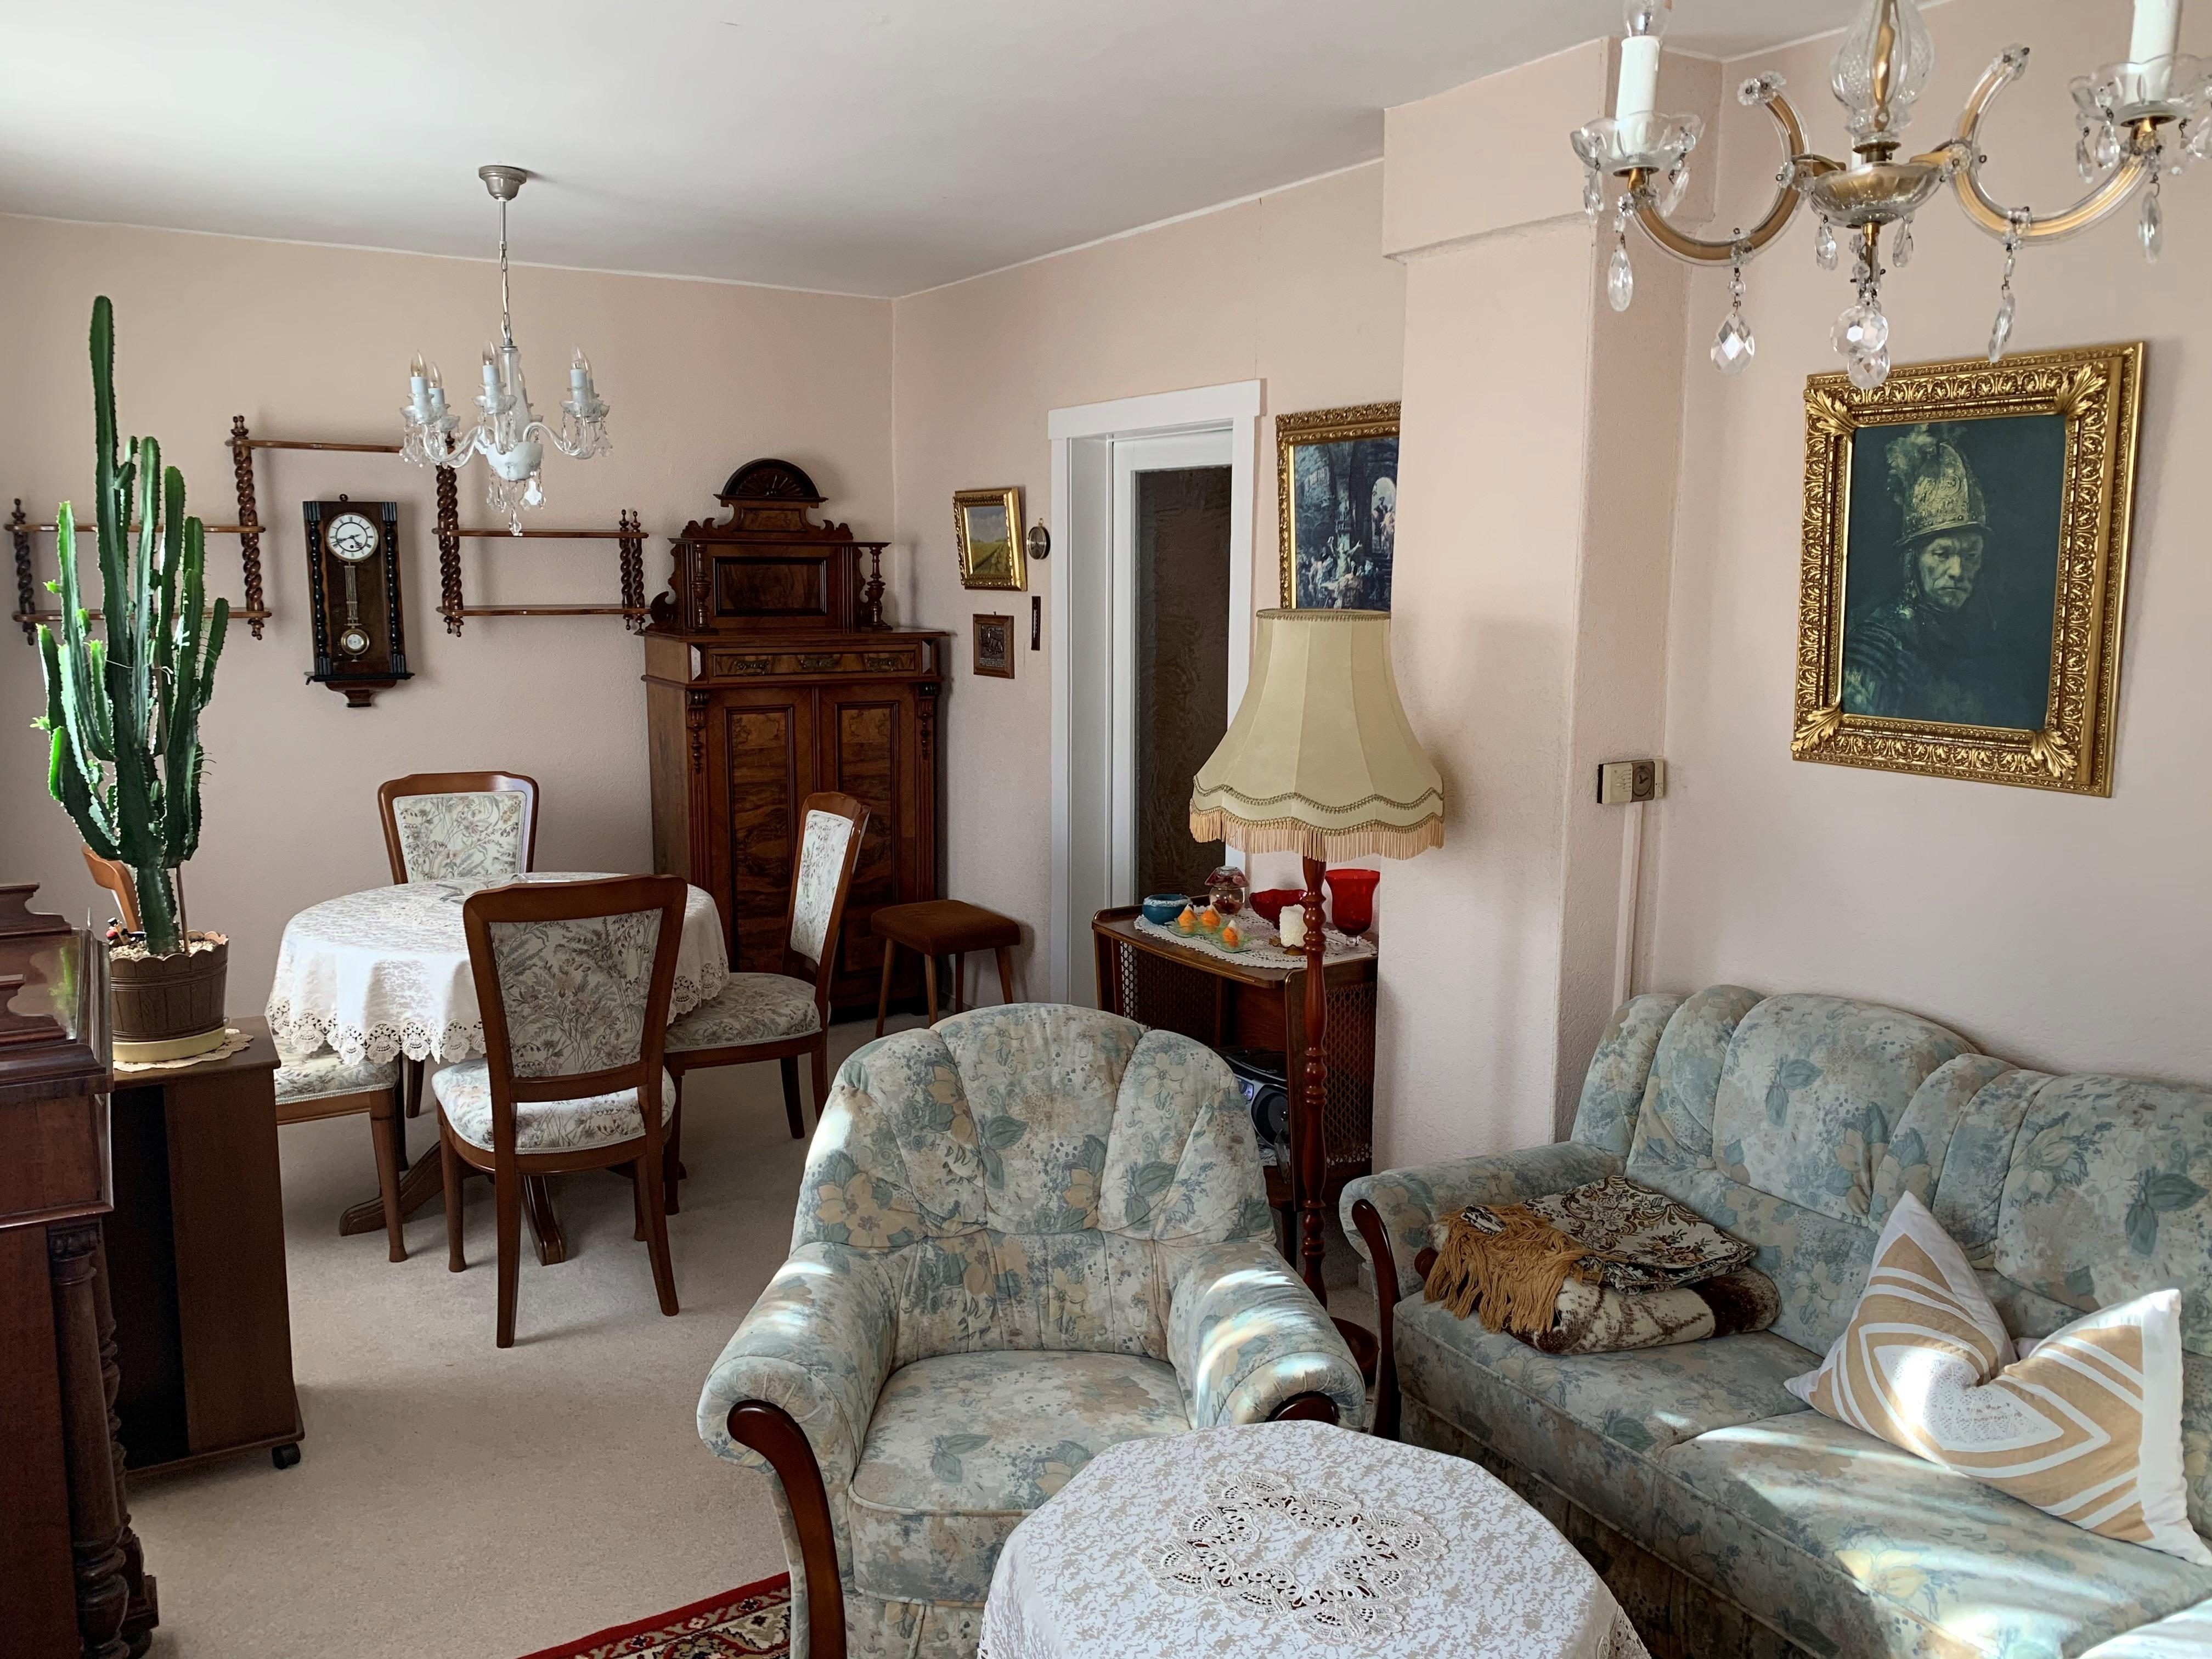 Einfamilienhaus Rosengarten - Wohnzimmer Detailansicht